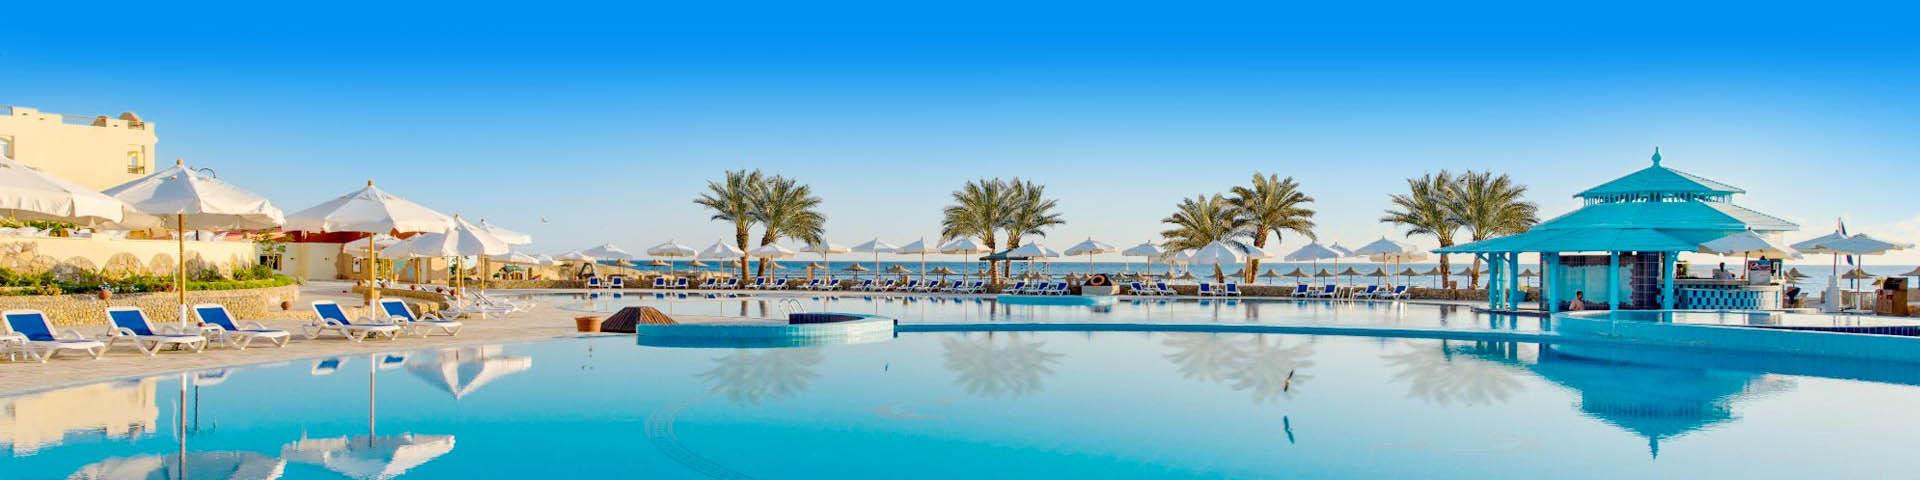 Mooi zwembad met blauw water bij een hotel in Egypte